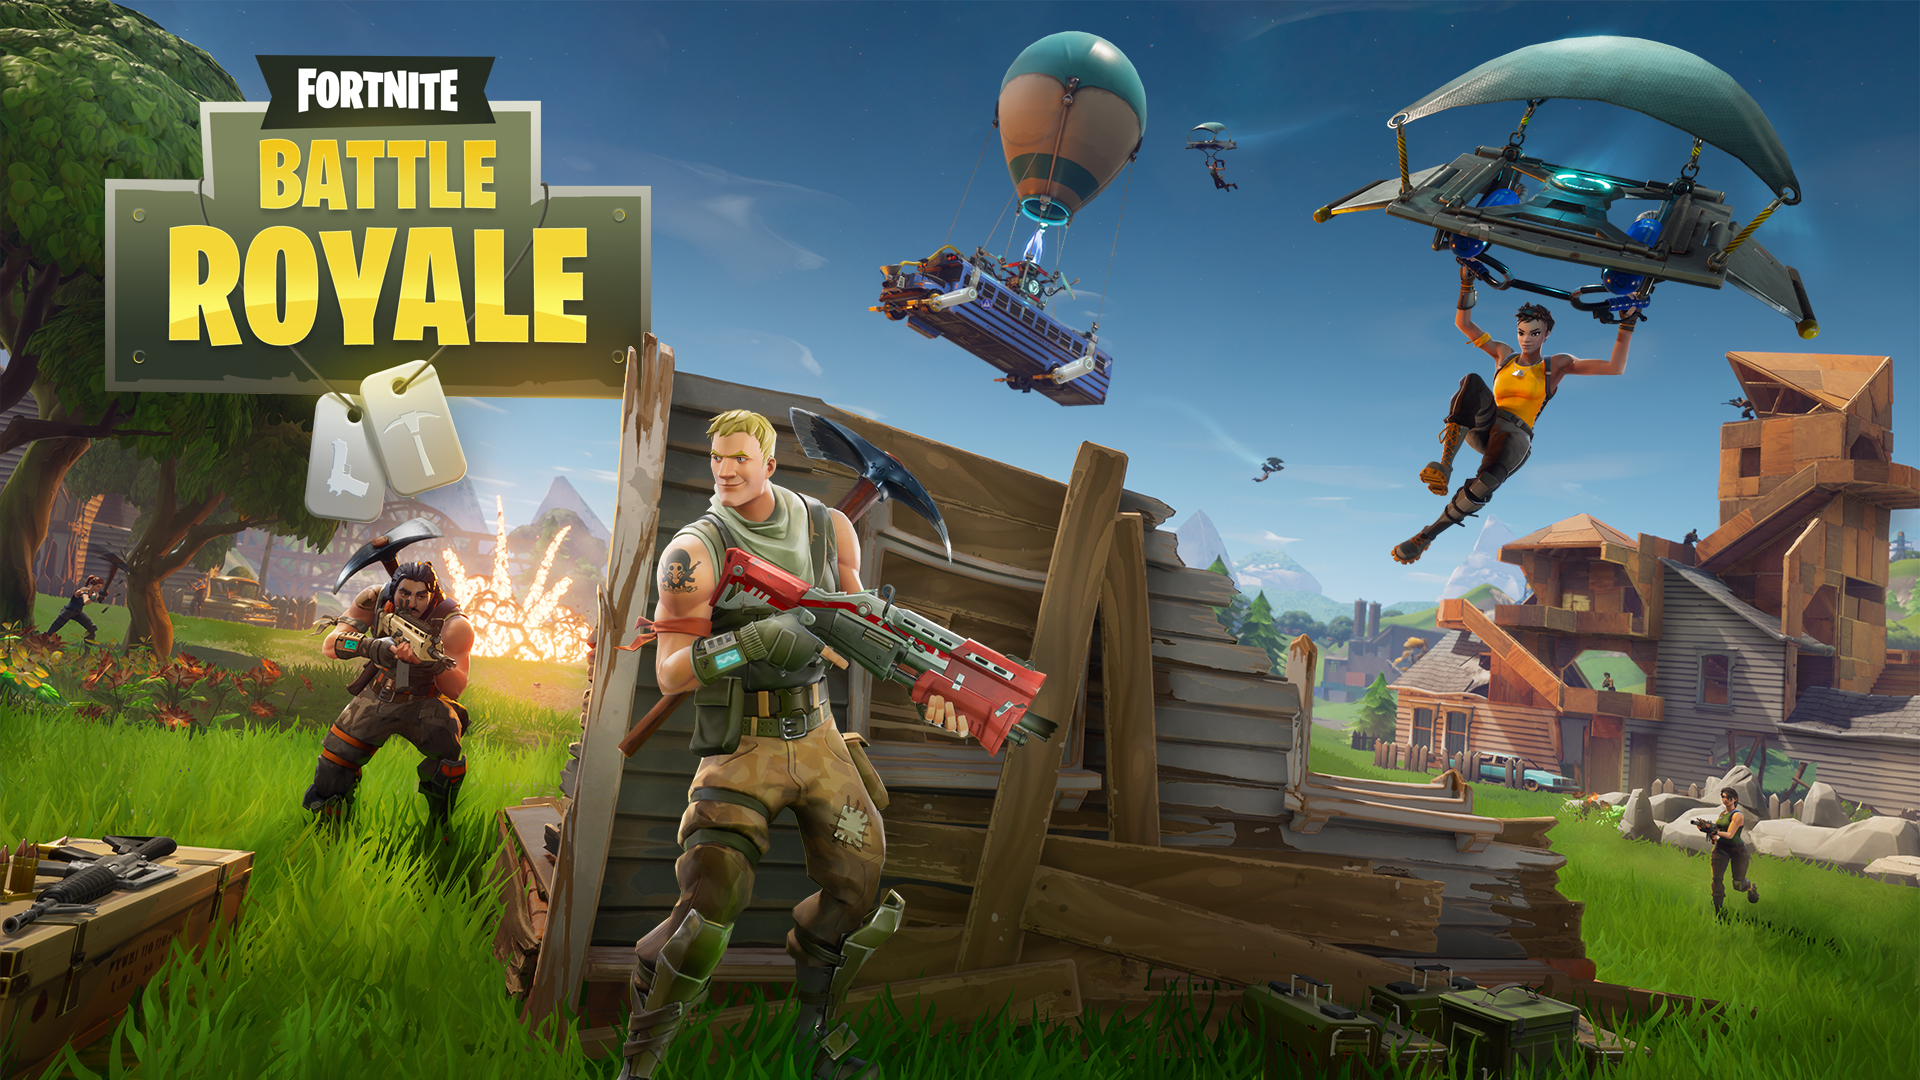 Fortnite: Battle Royale chạm mốc một triệu người chơi sau ngày đầu tiên - Tin Game